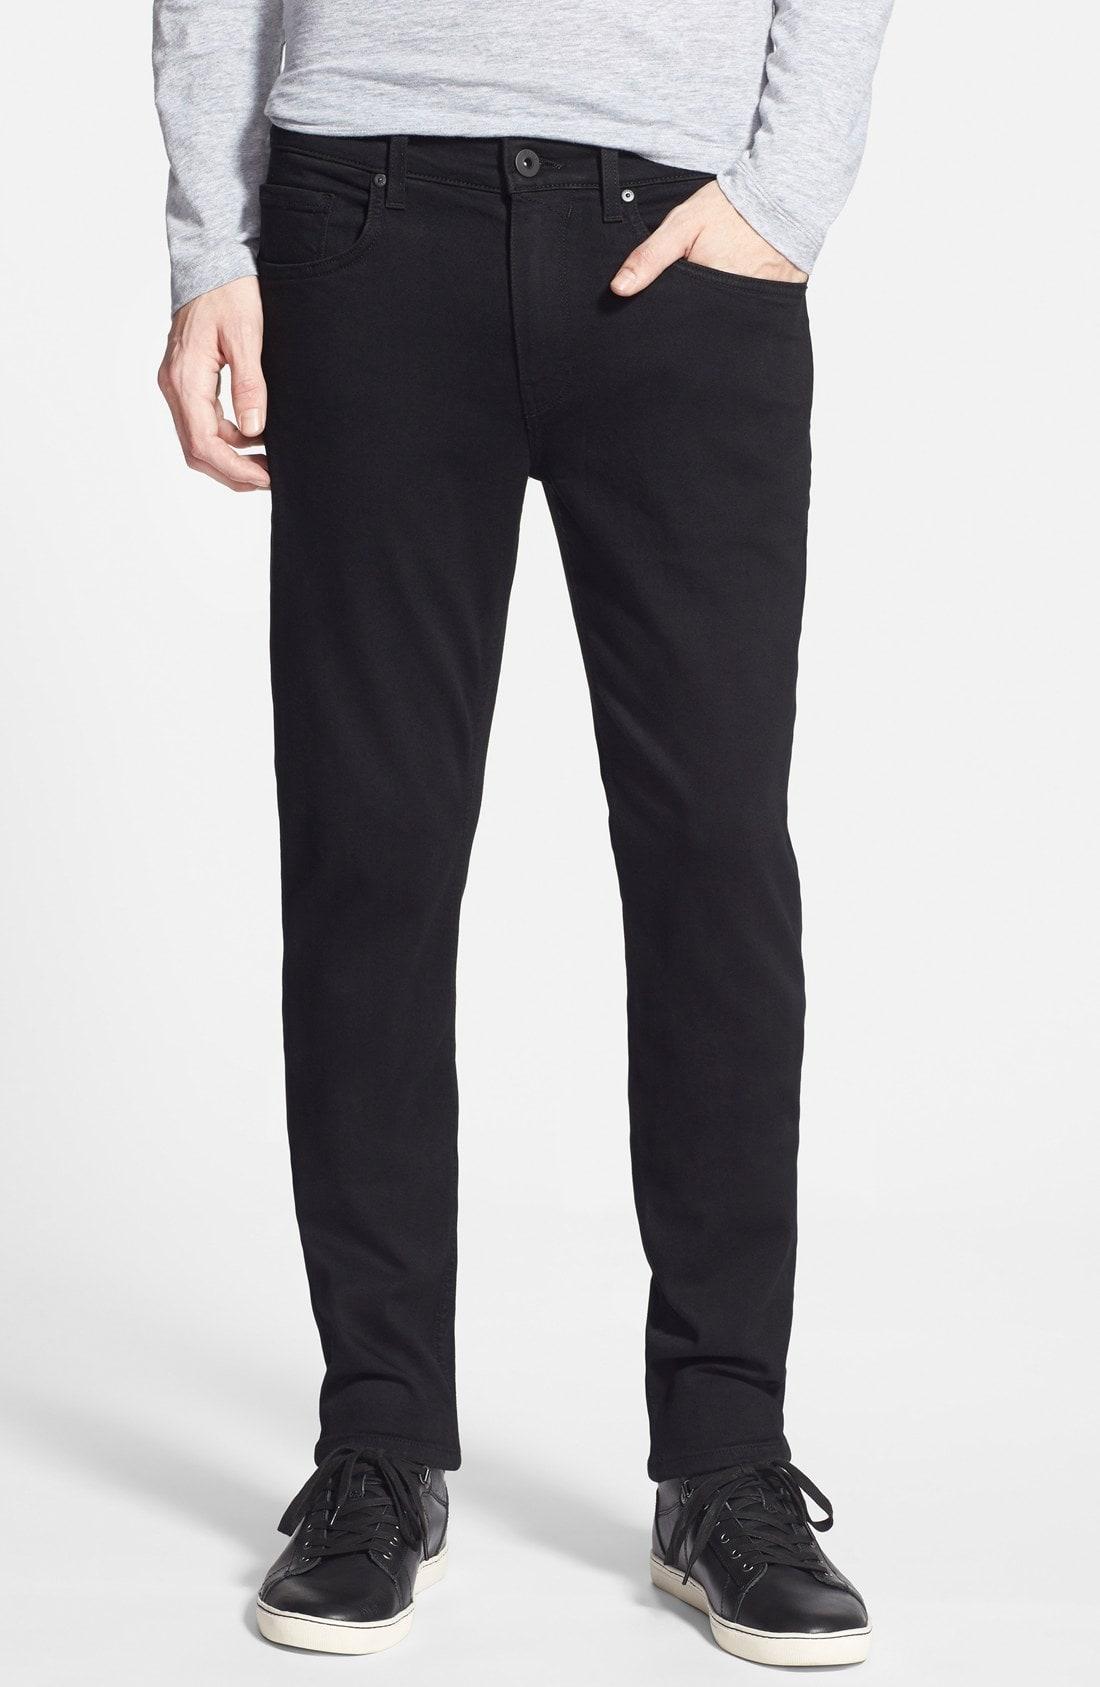 Men's PAIGE Jeans | Nordstrom